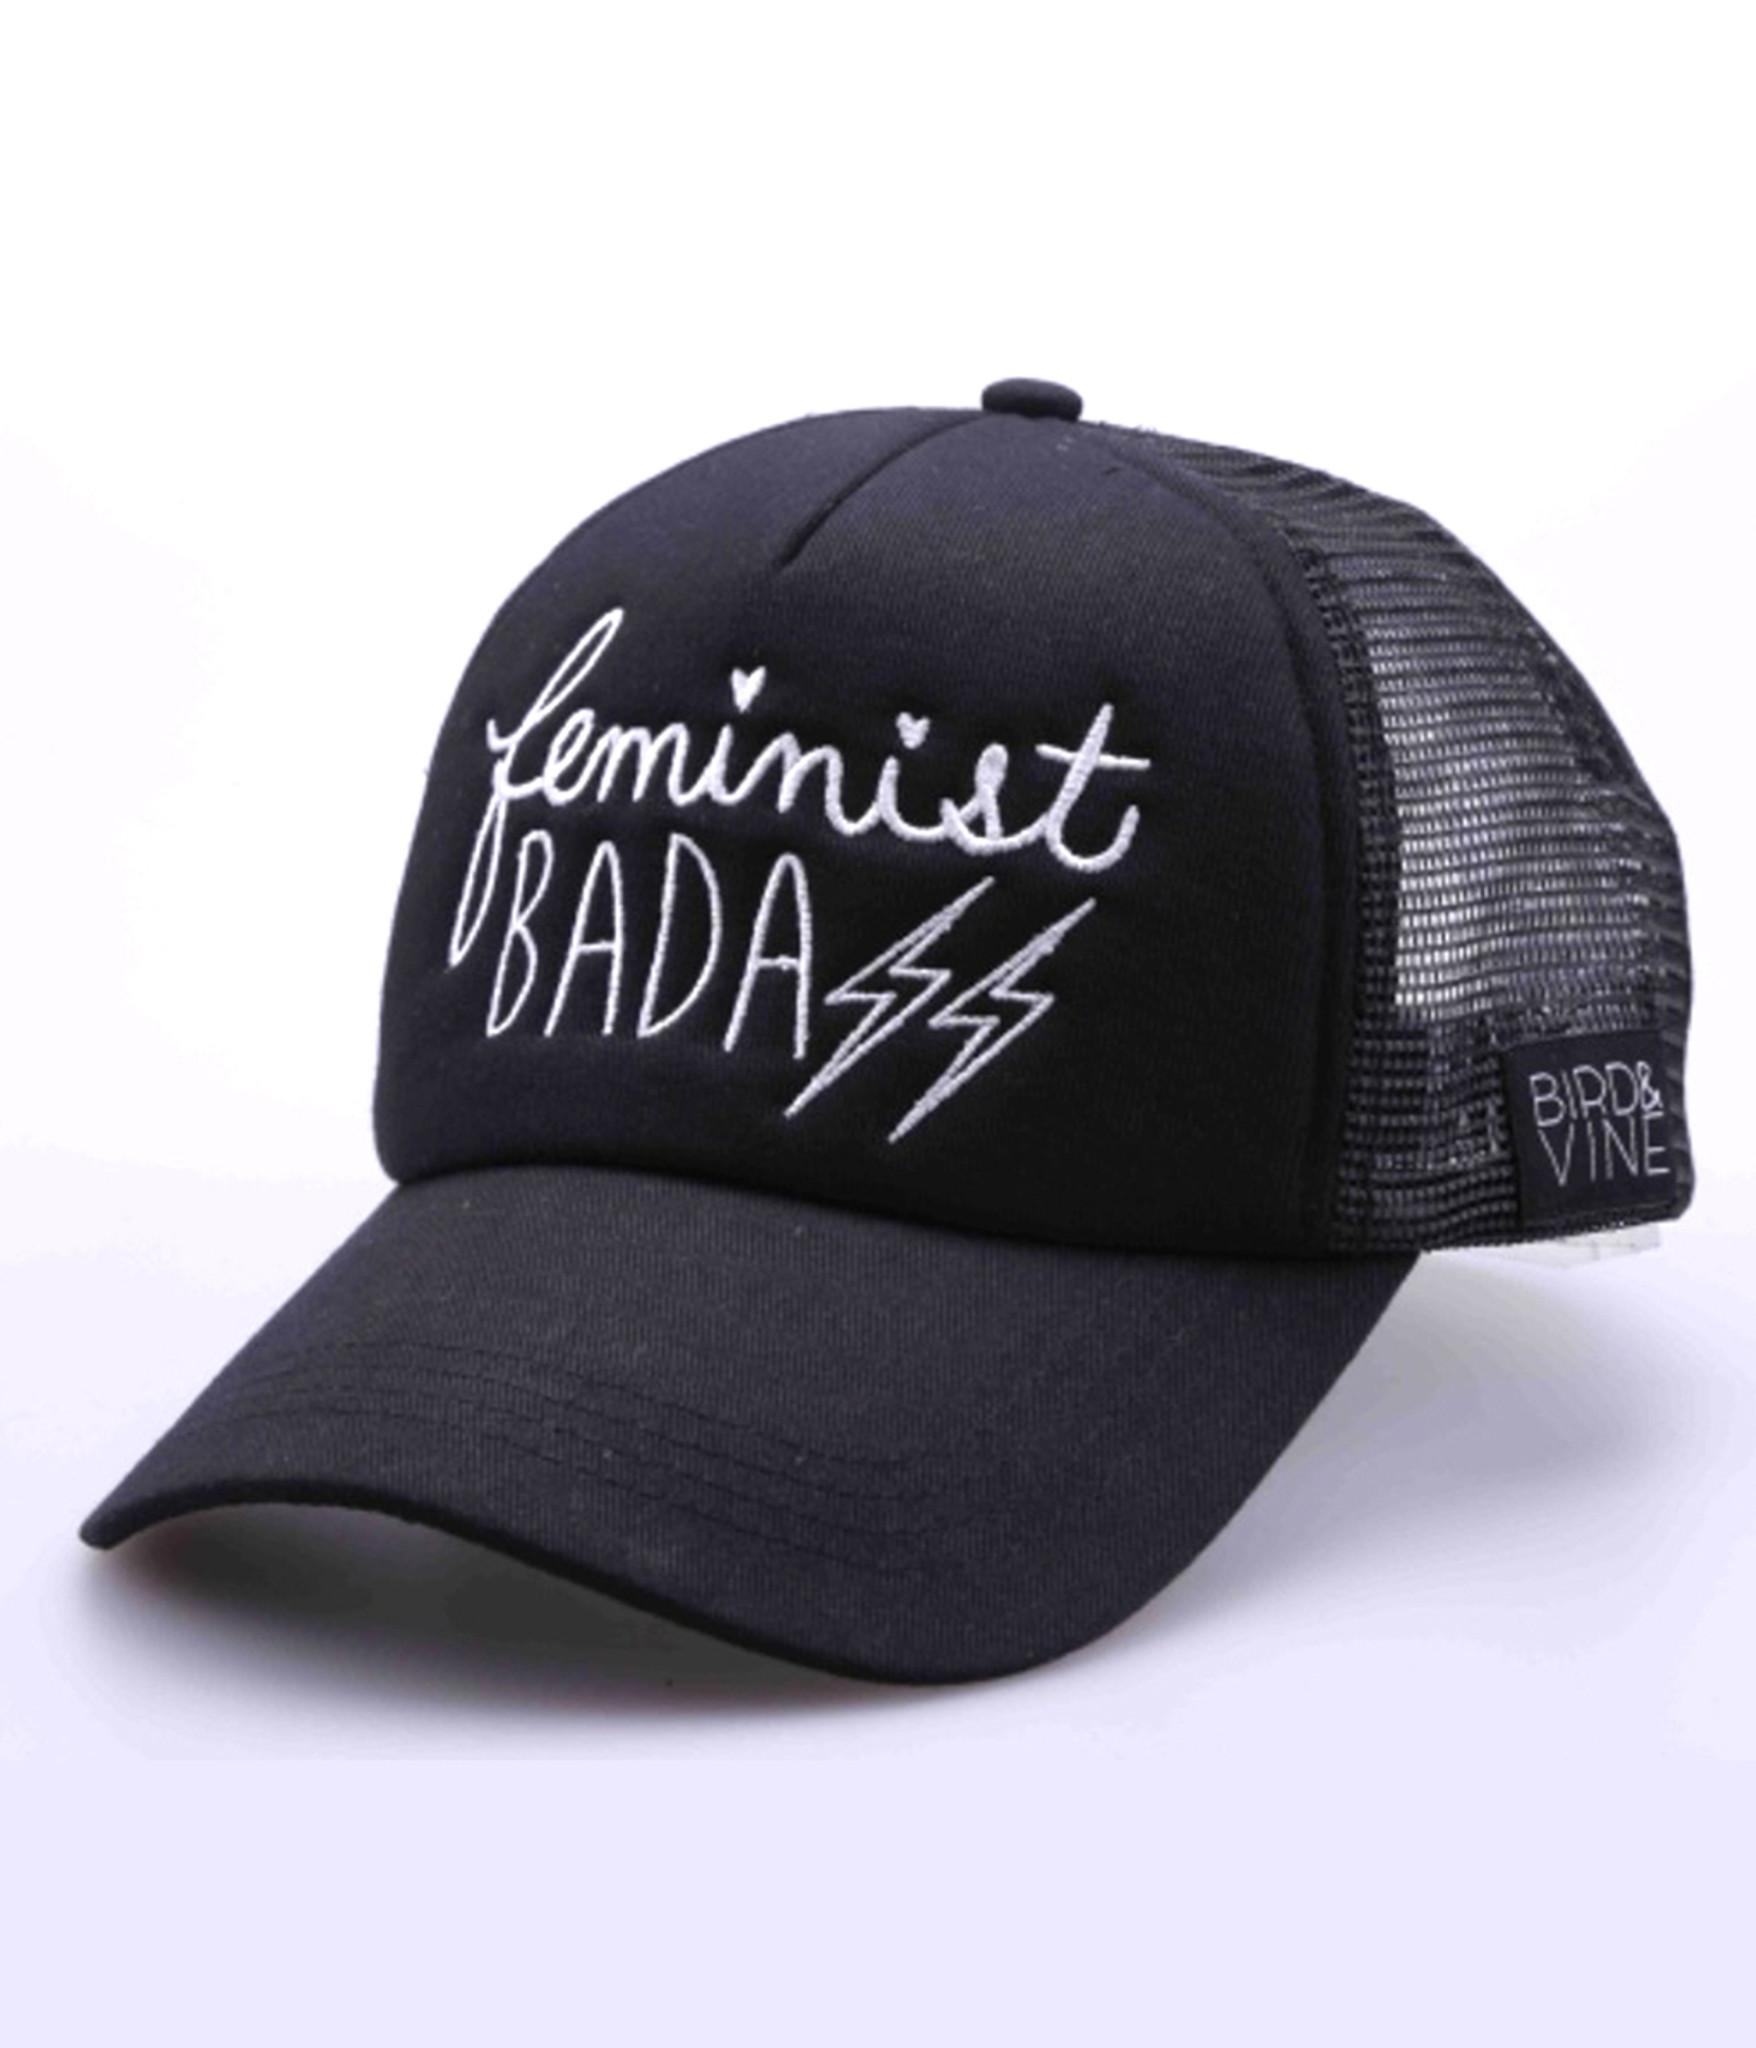 FEMINIST BADASS EMBROIDERED TRUCKER HAT